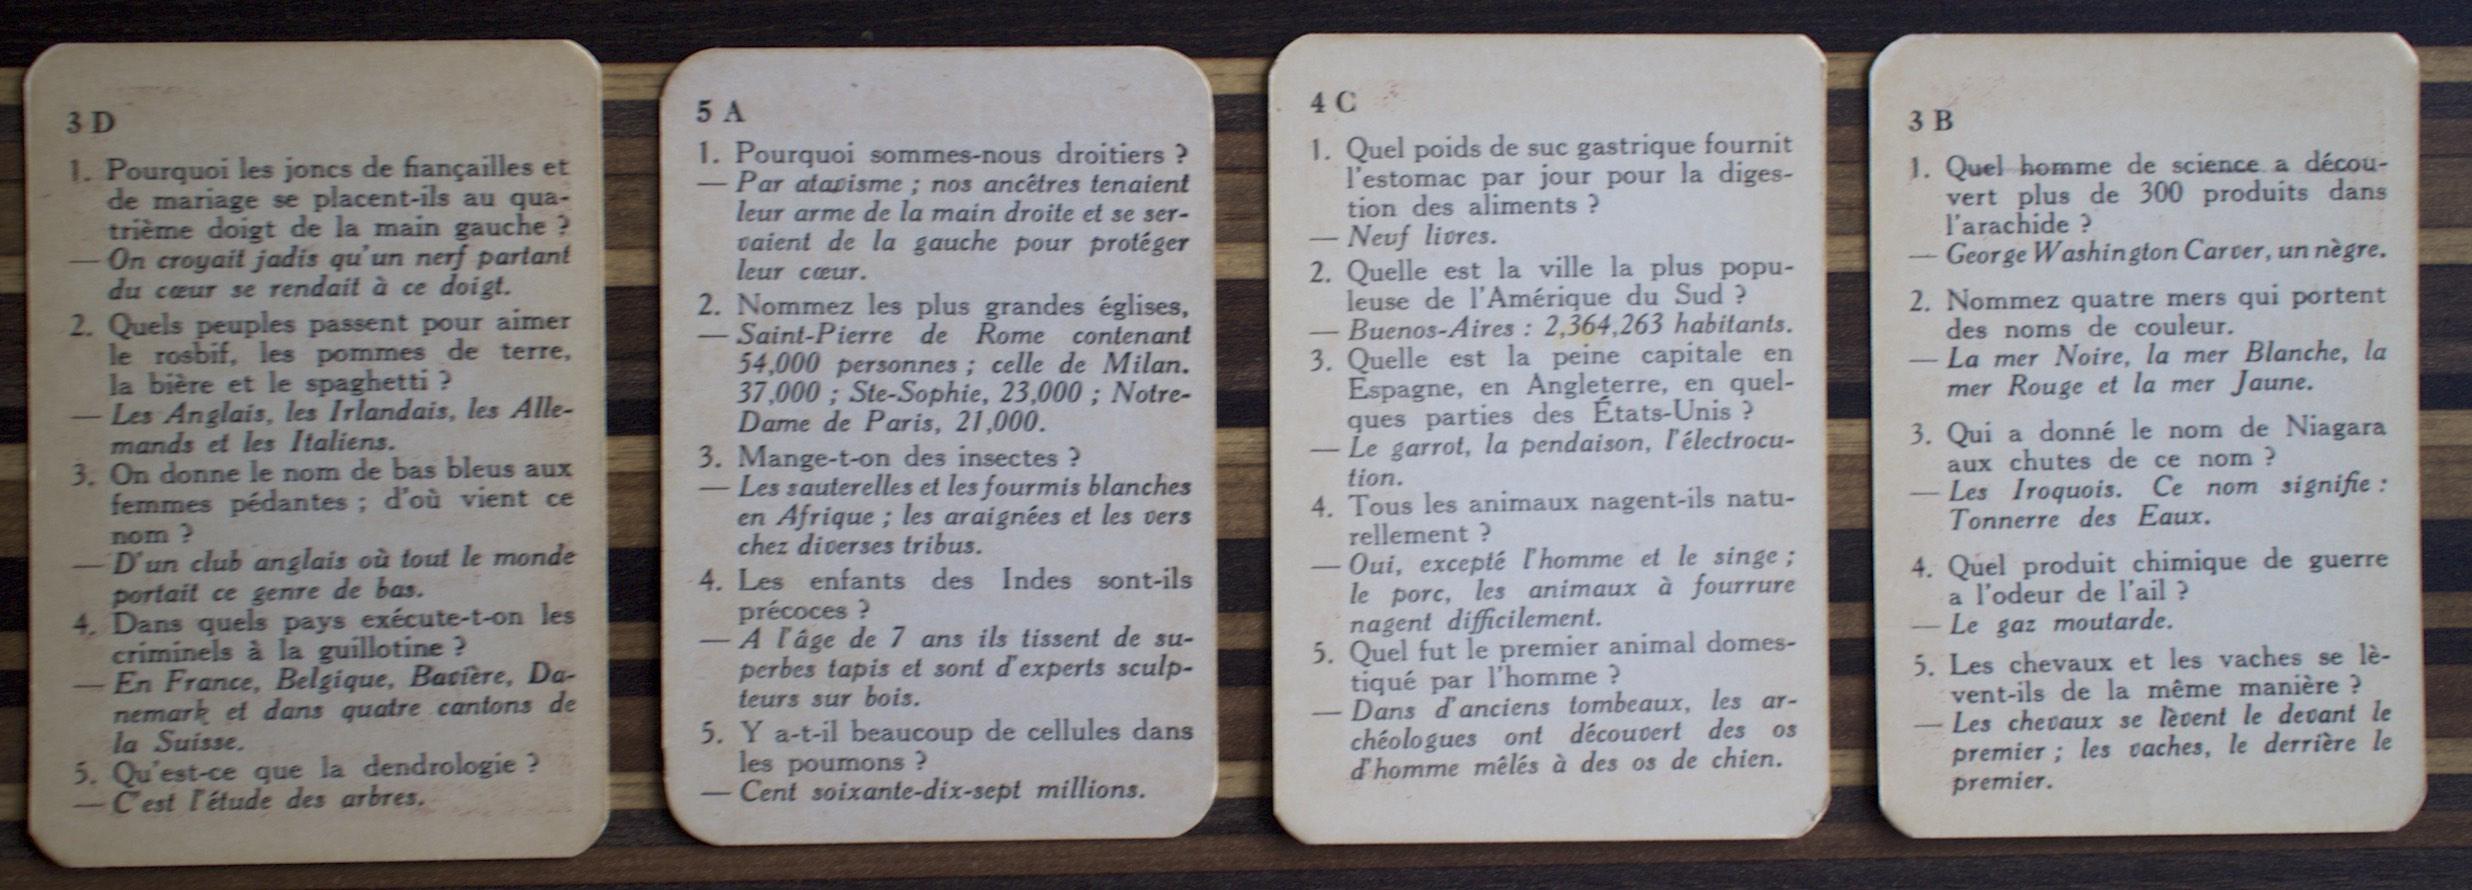 Jeux de cartes encyclopédie